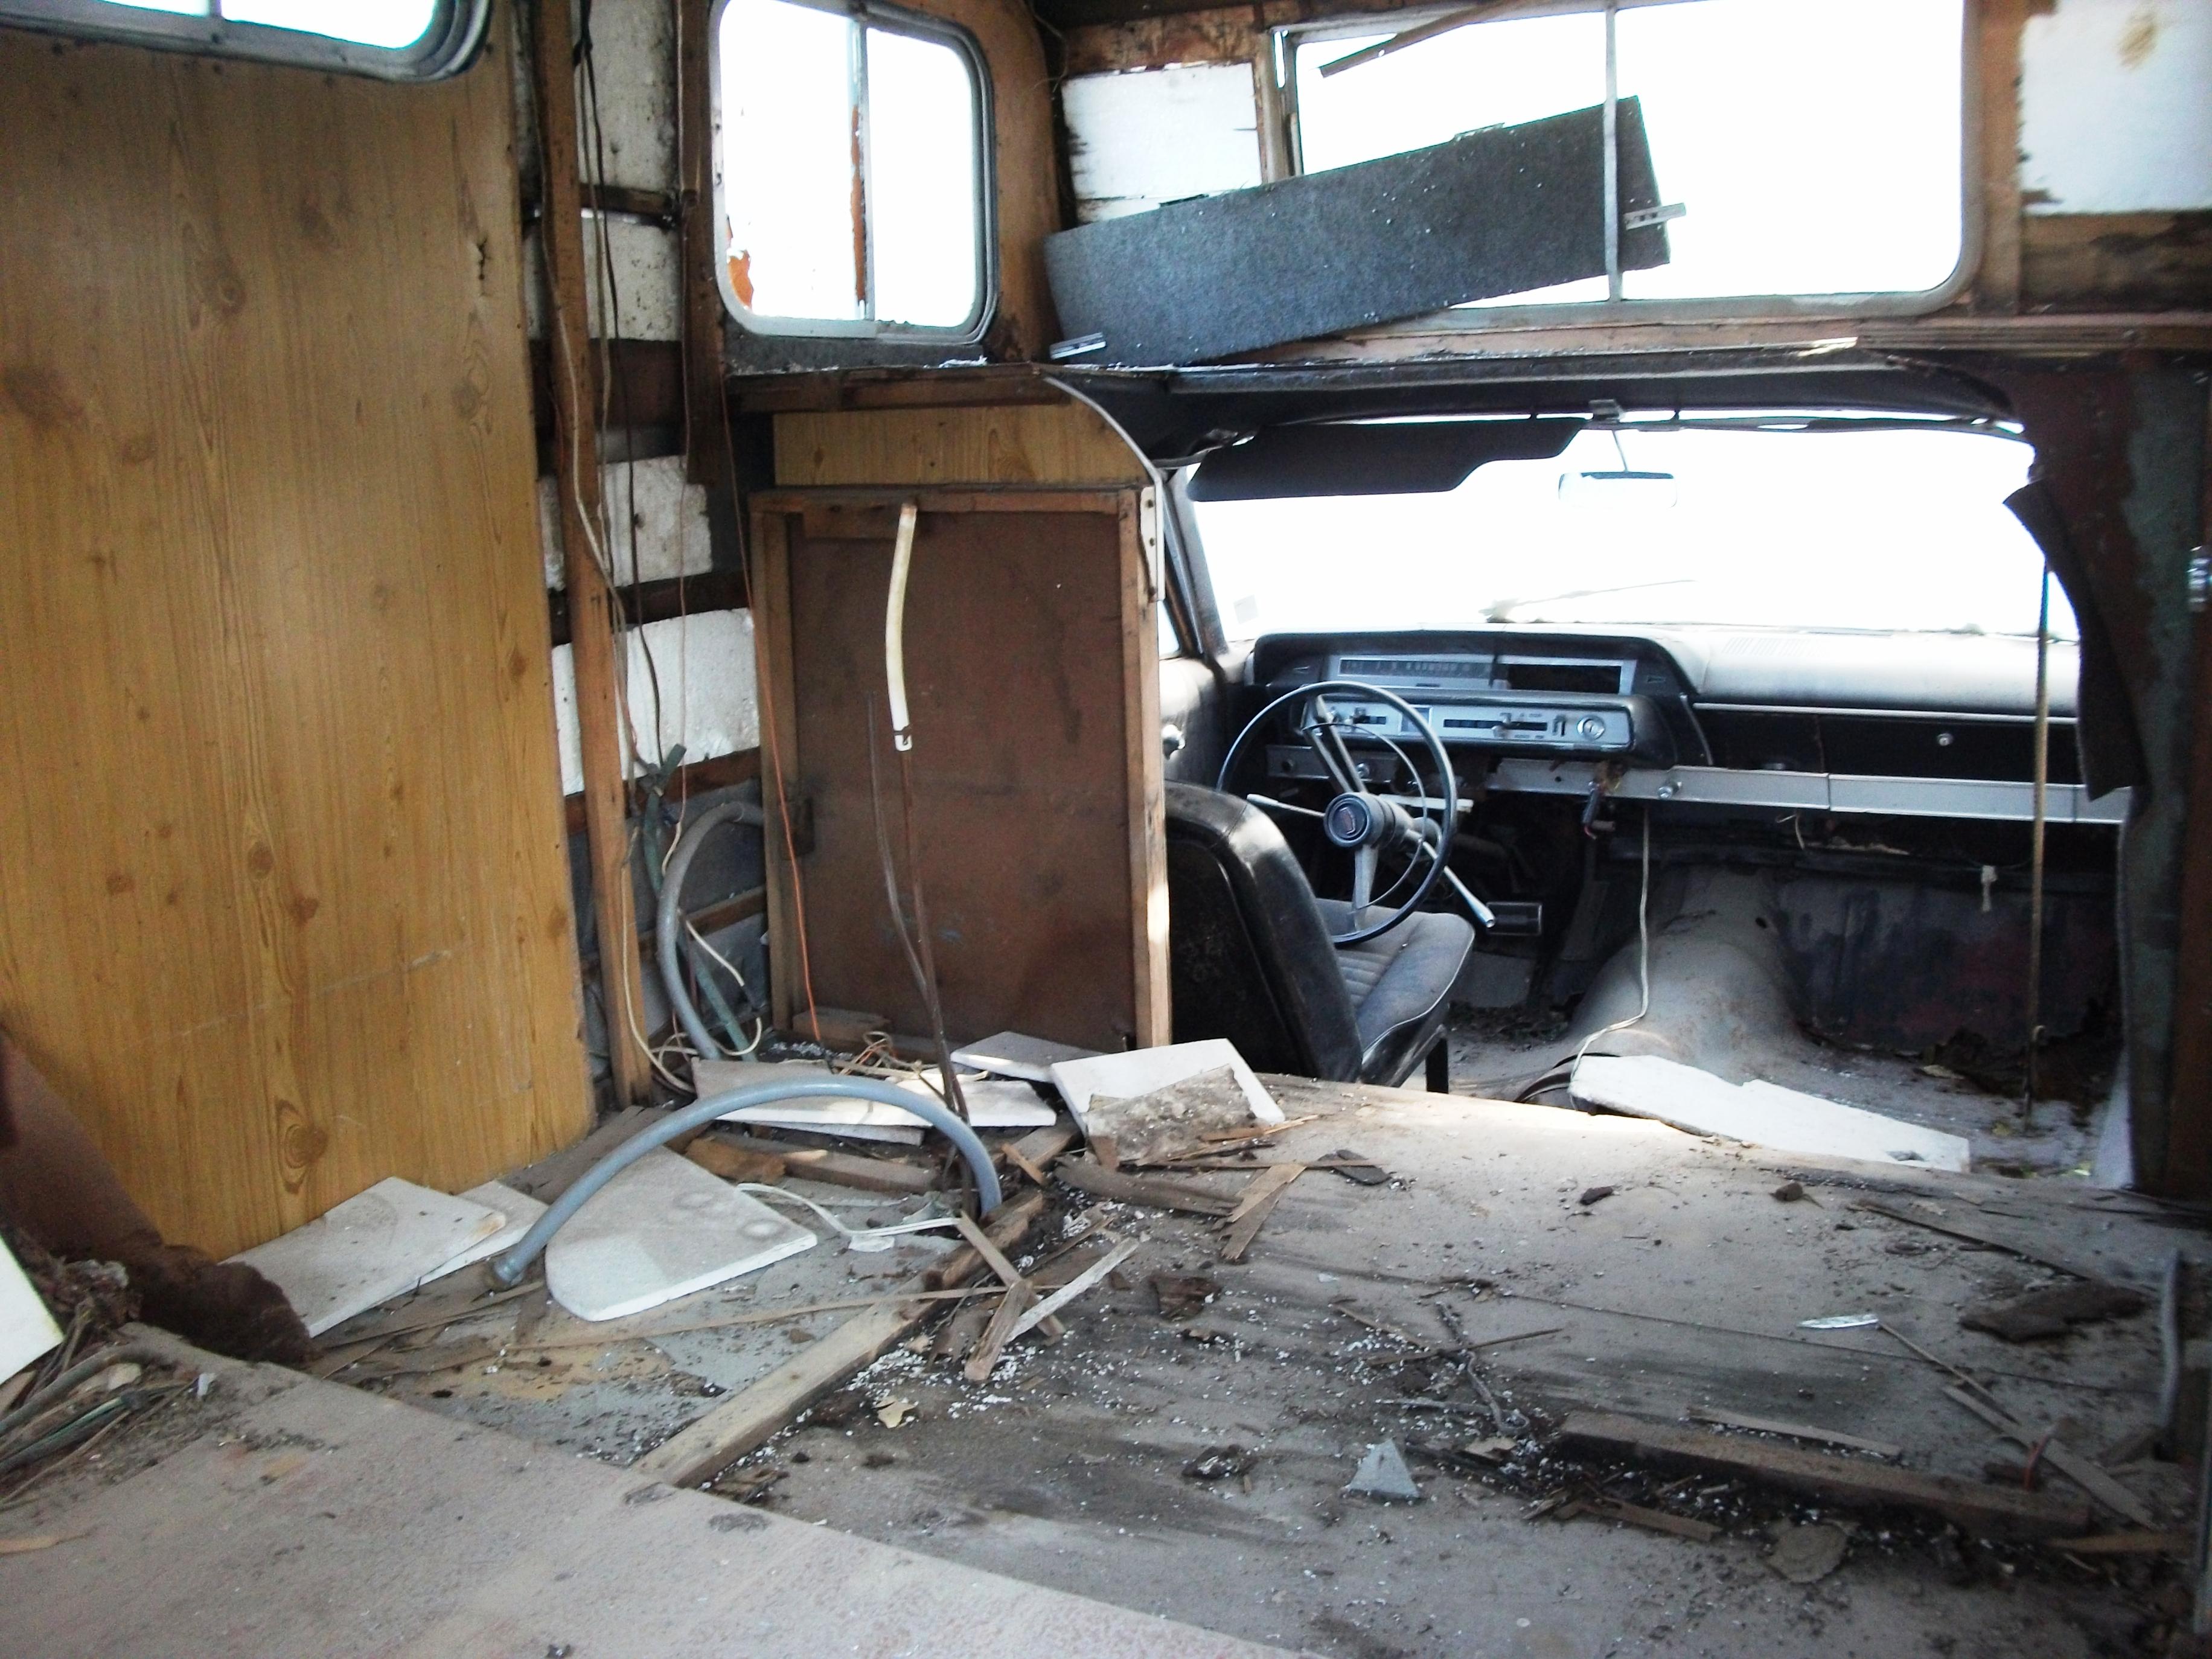 ulandau_trailer_6_sibele Ford Galaxie